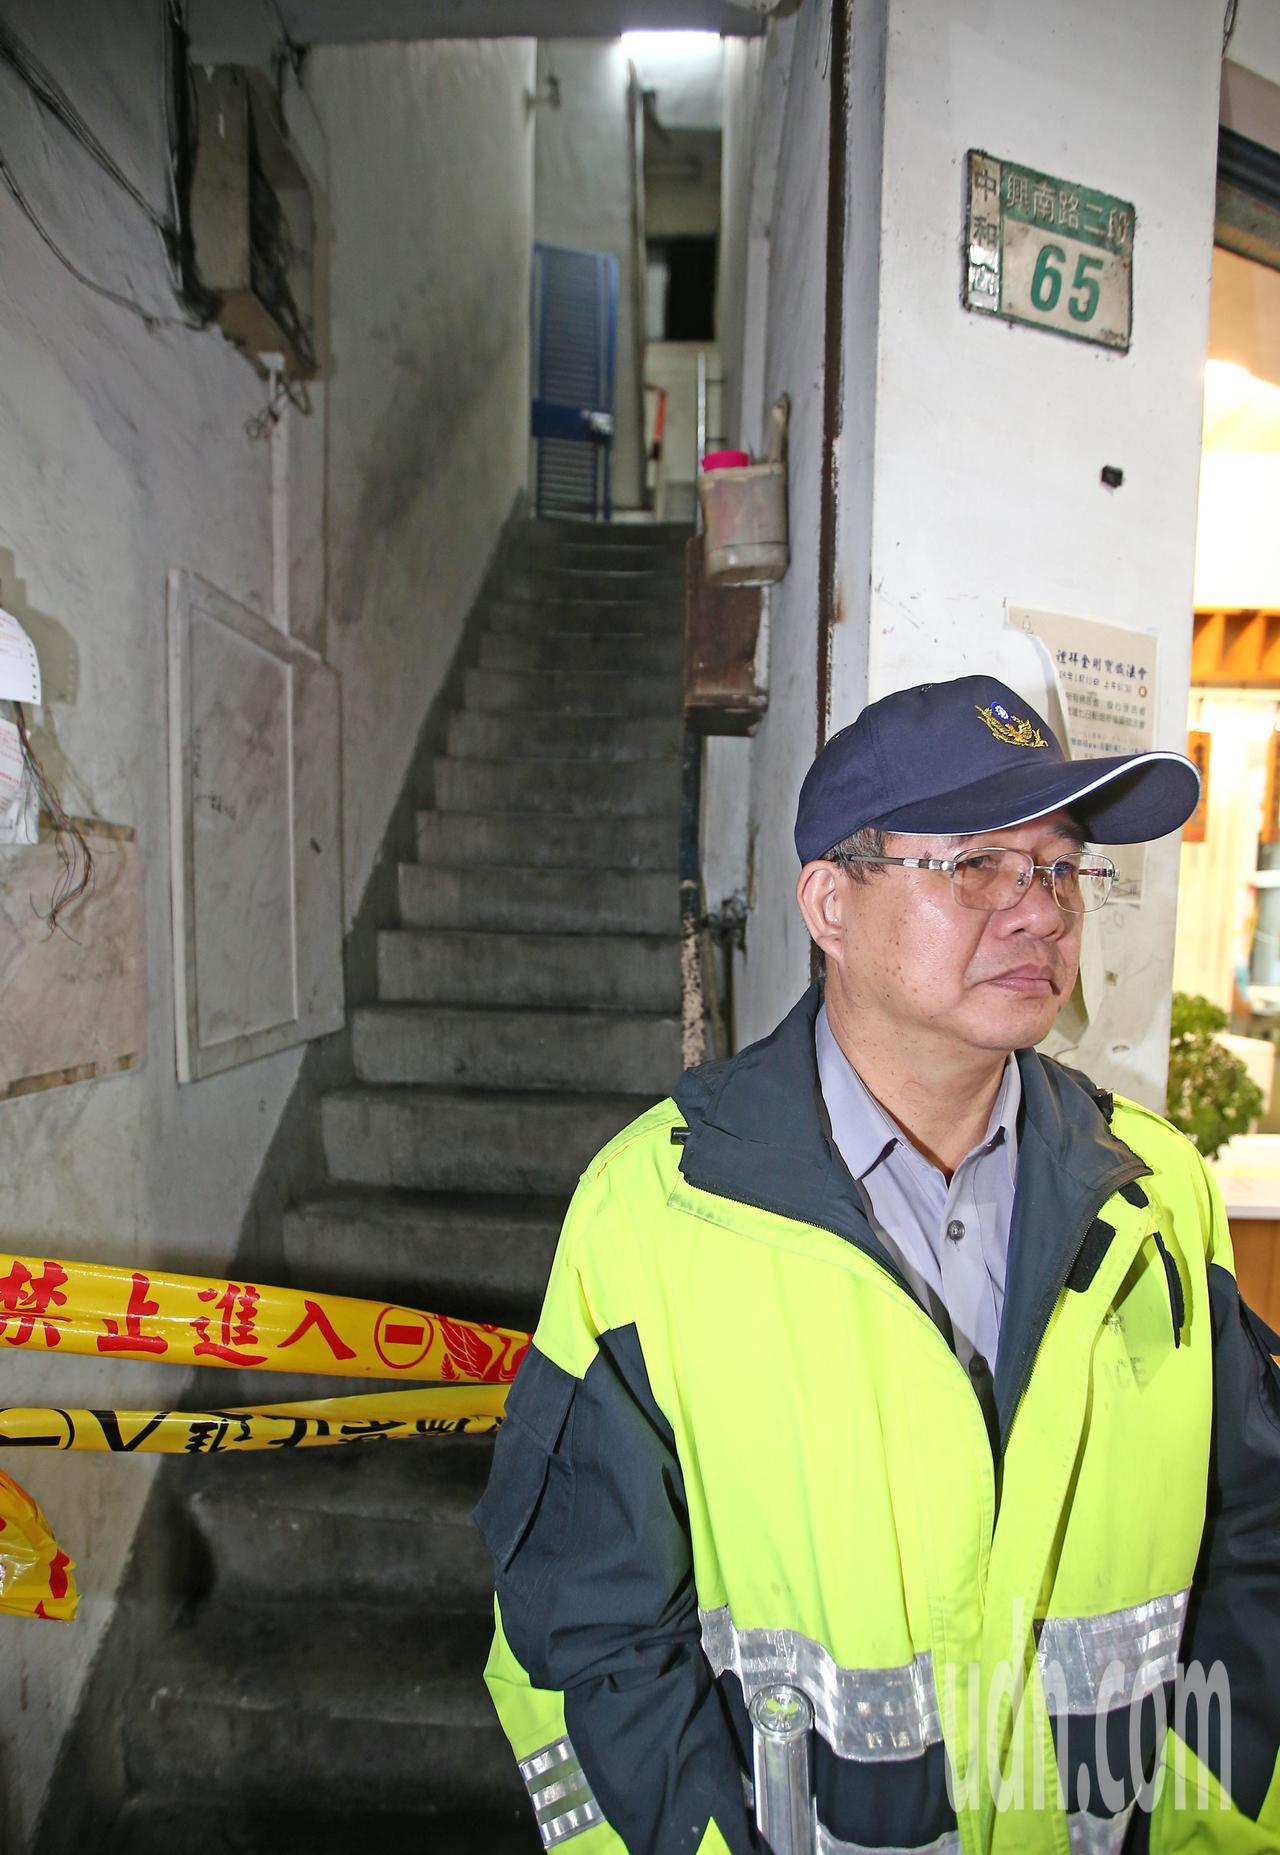 新北市中和區興南路二號段65號9死2傷現場。記者杜建重/攝影